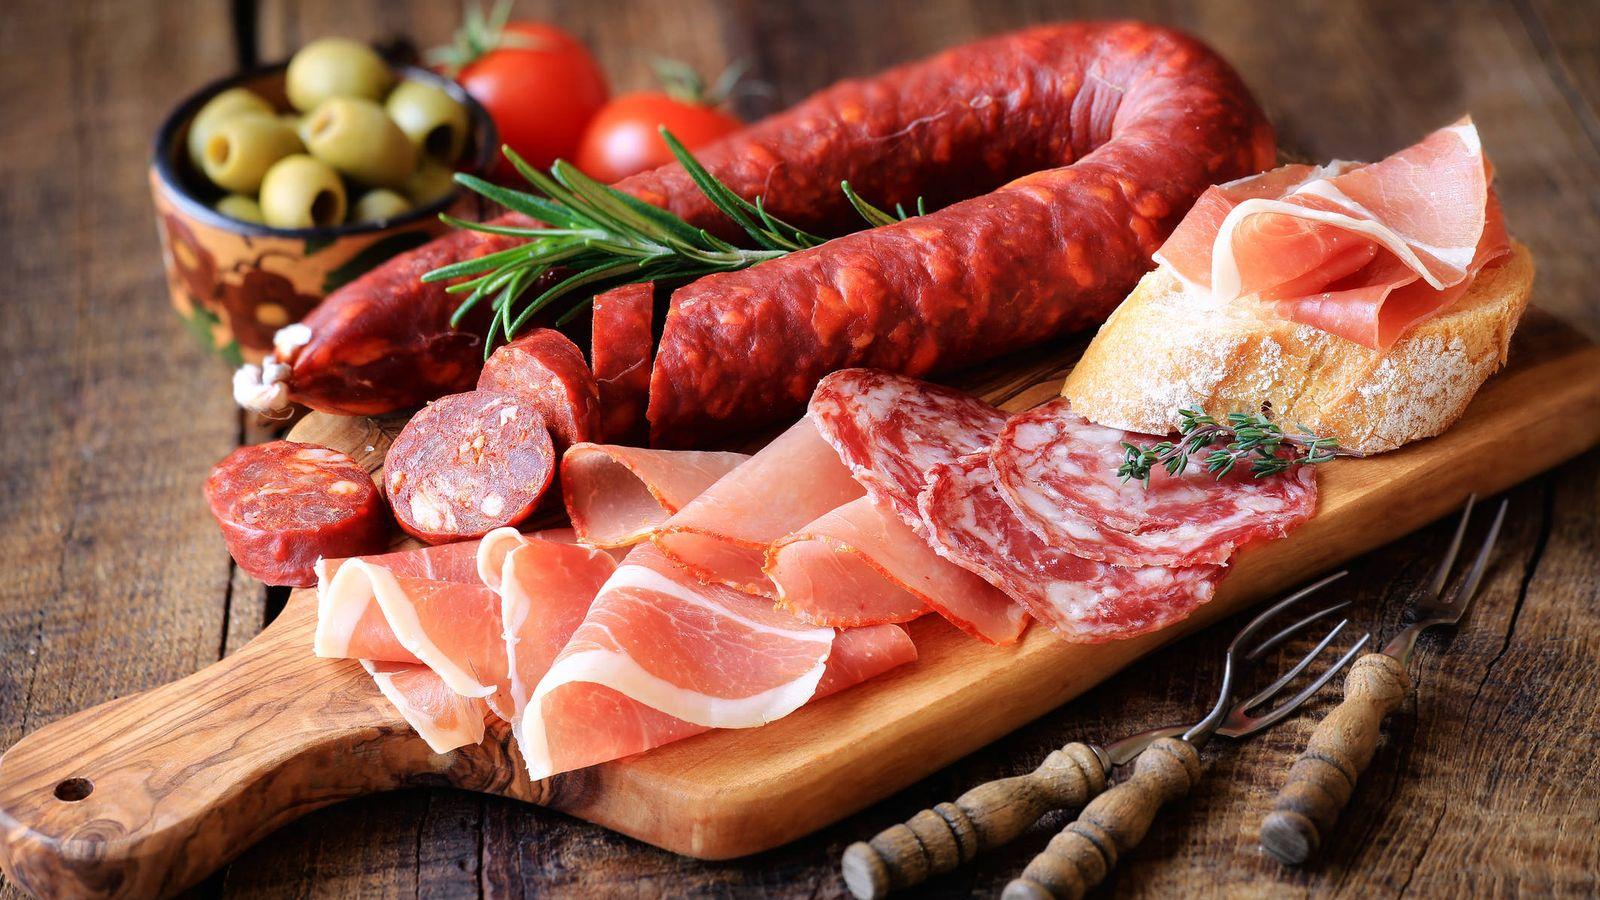 Carne: Todo lo que ponen en jamones y embutidos (y que no es carne)